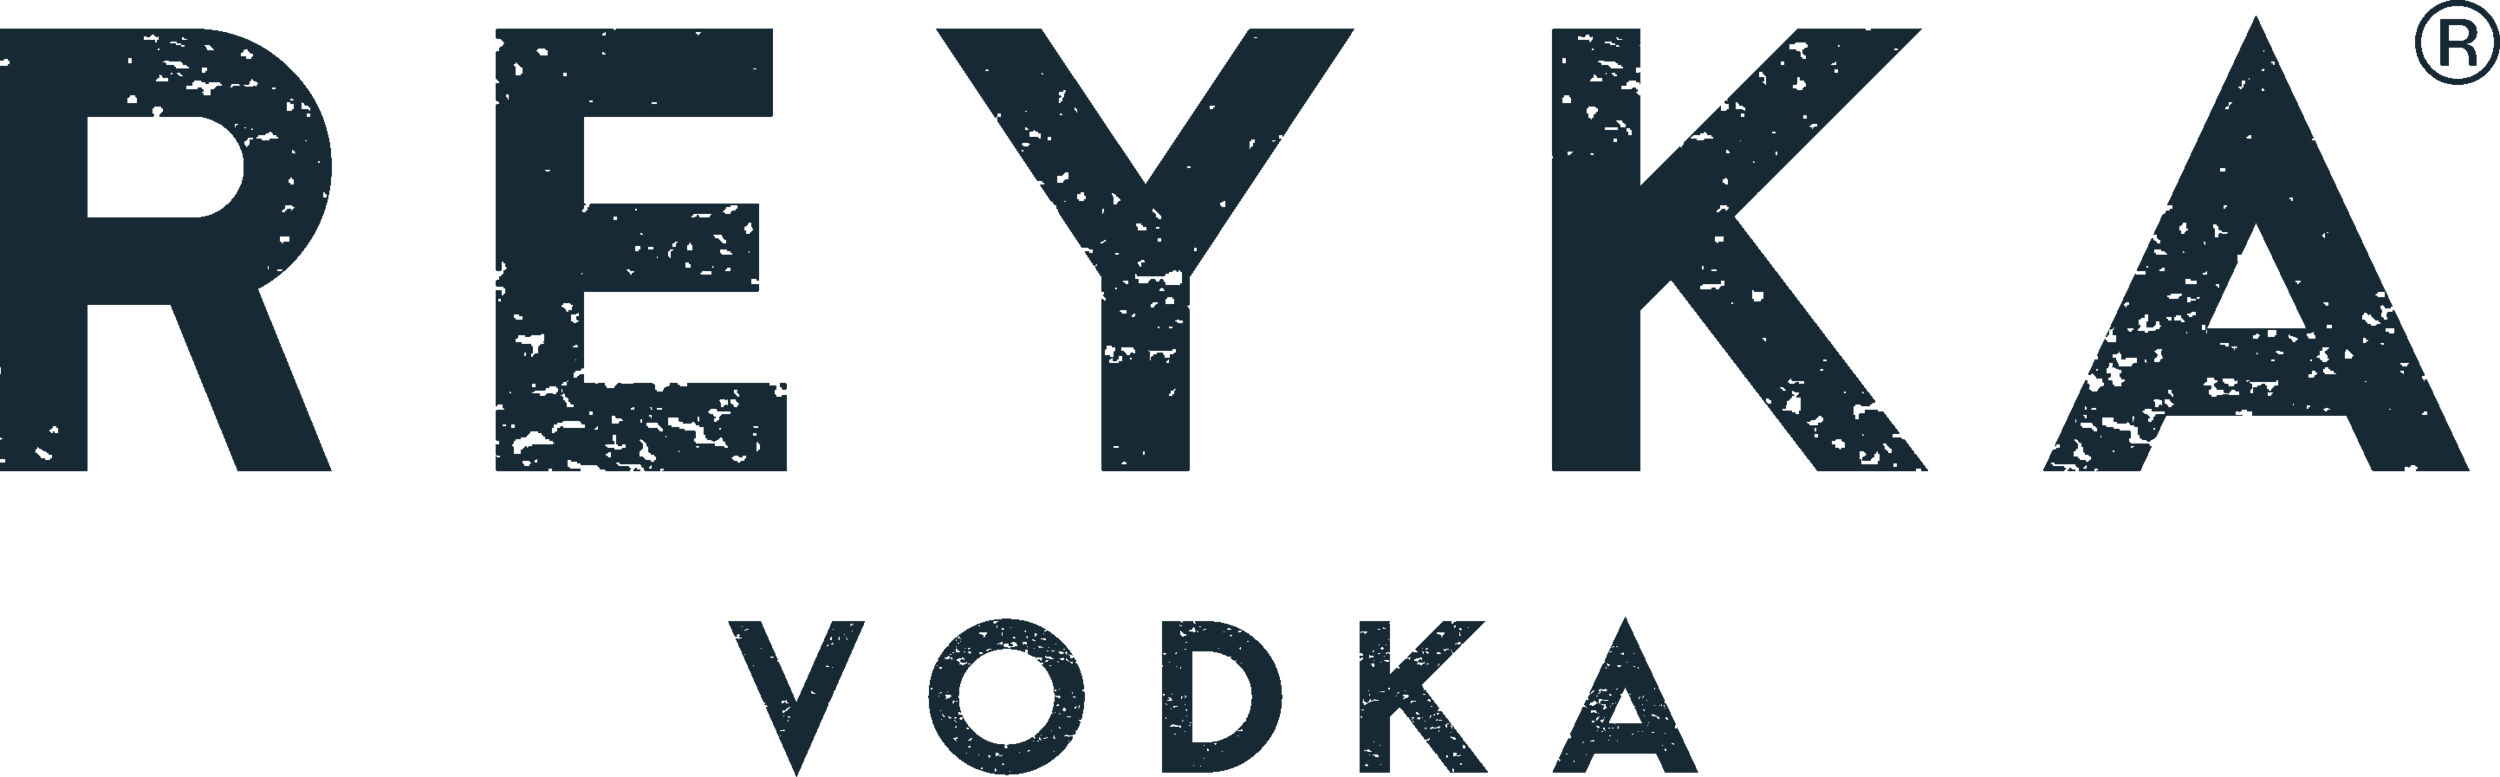 reyka vodka logo.png